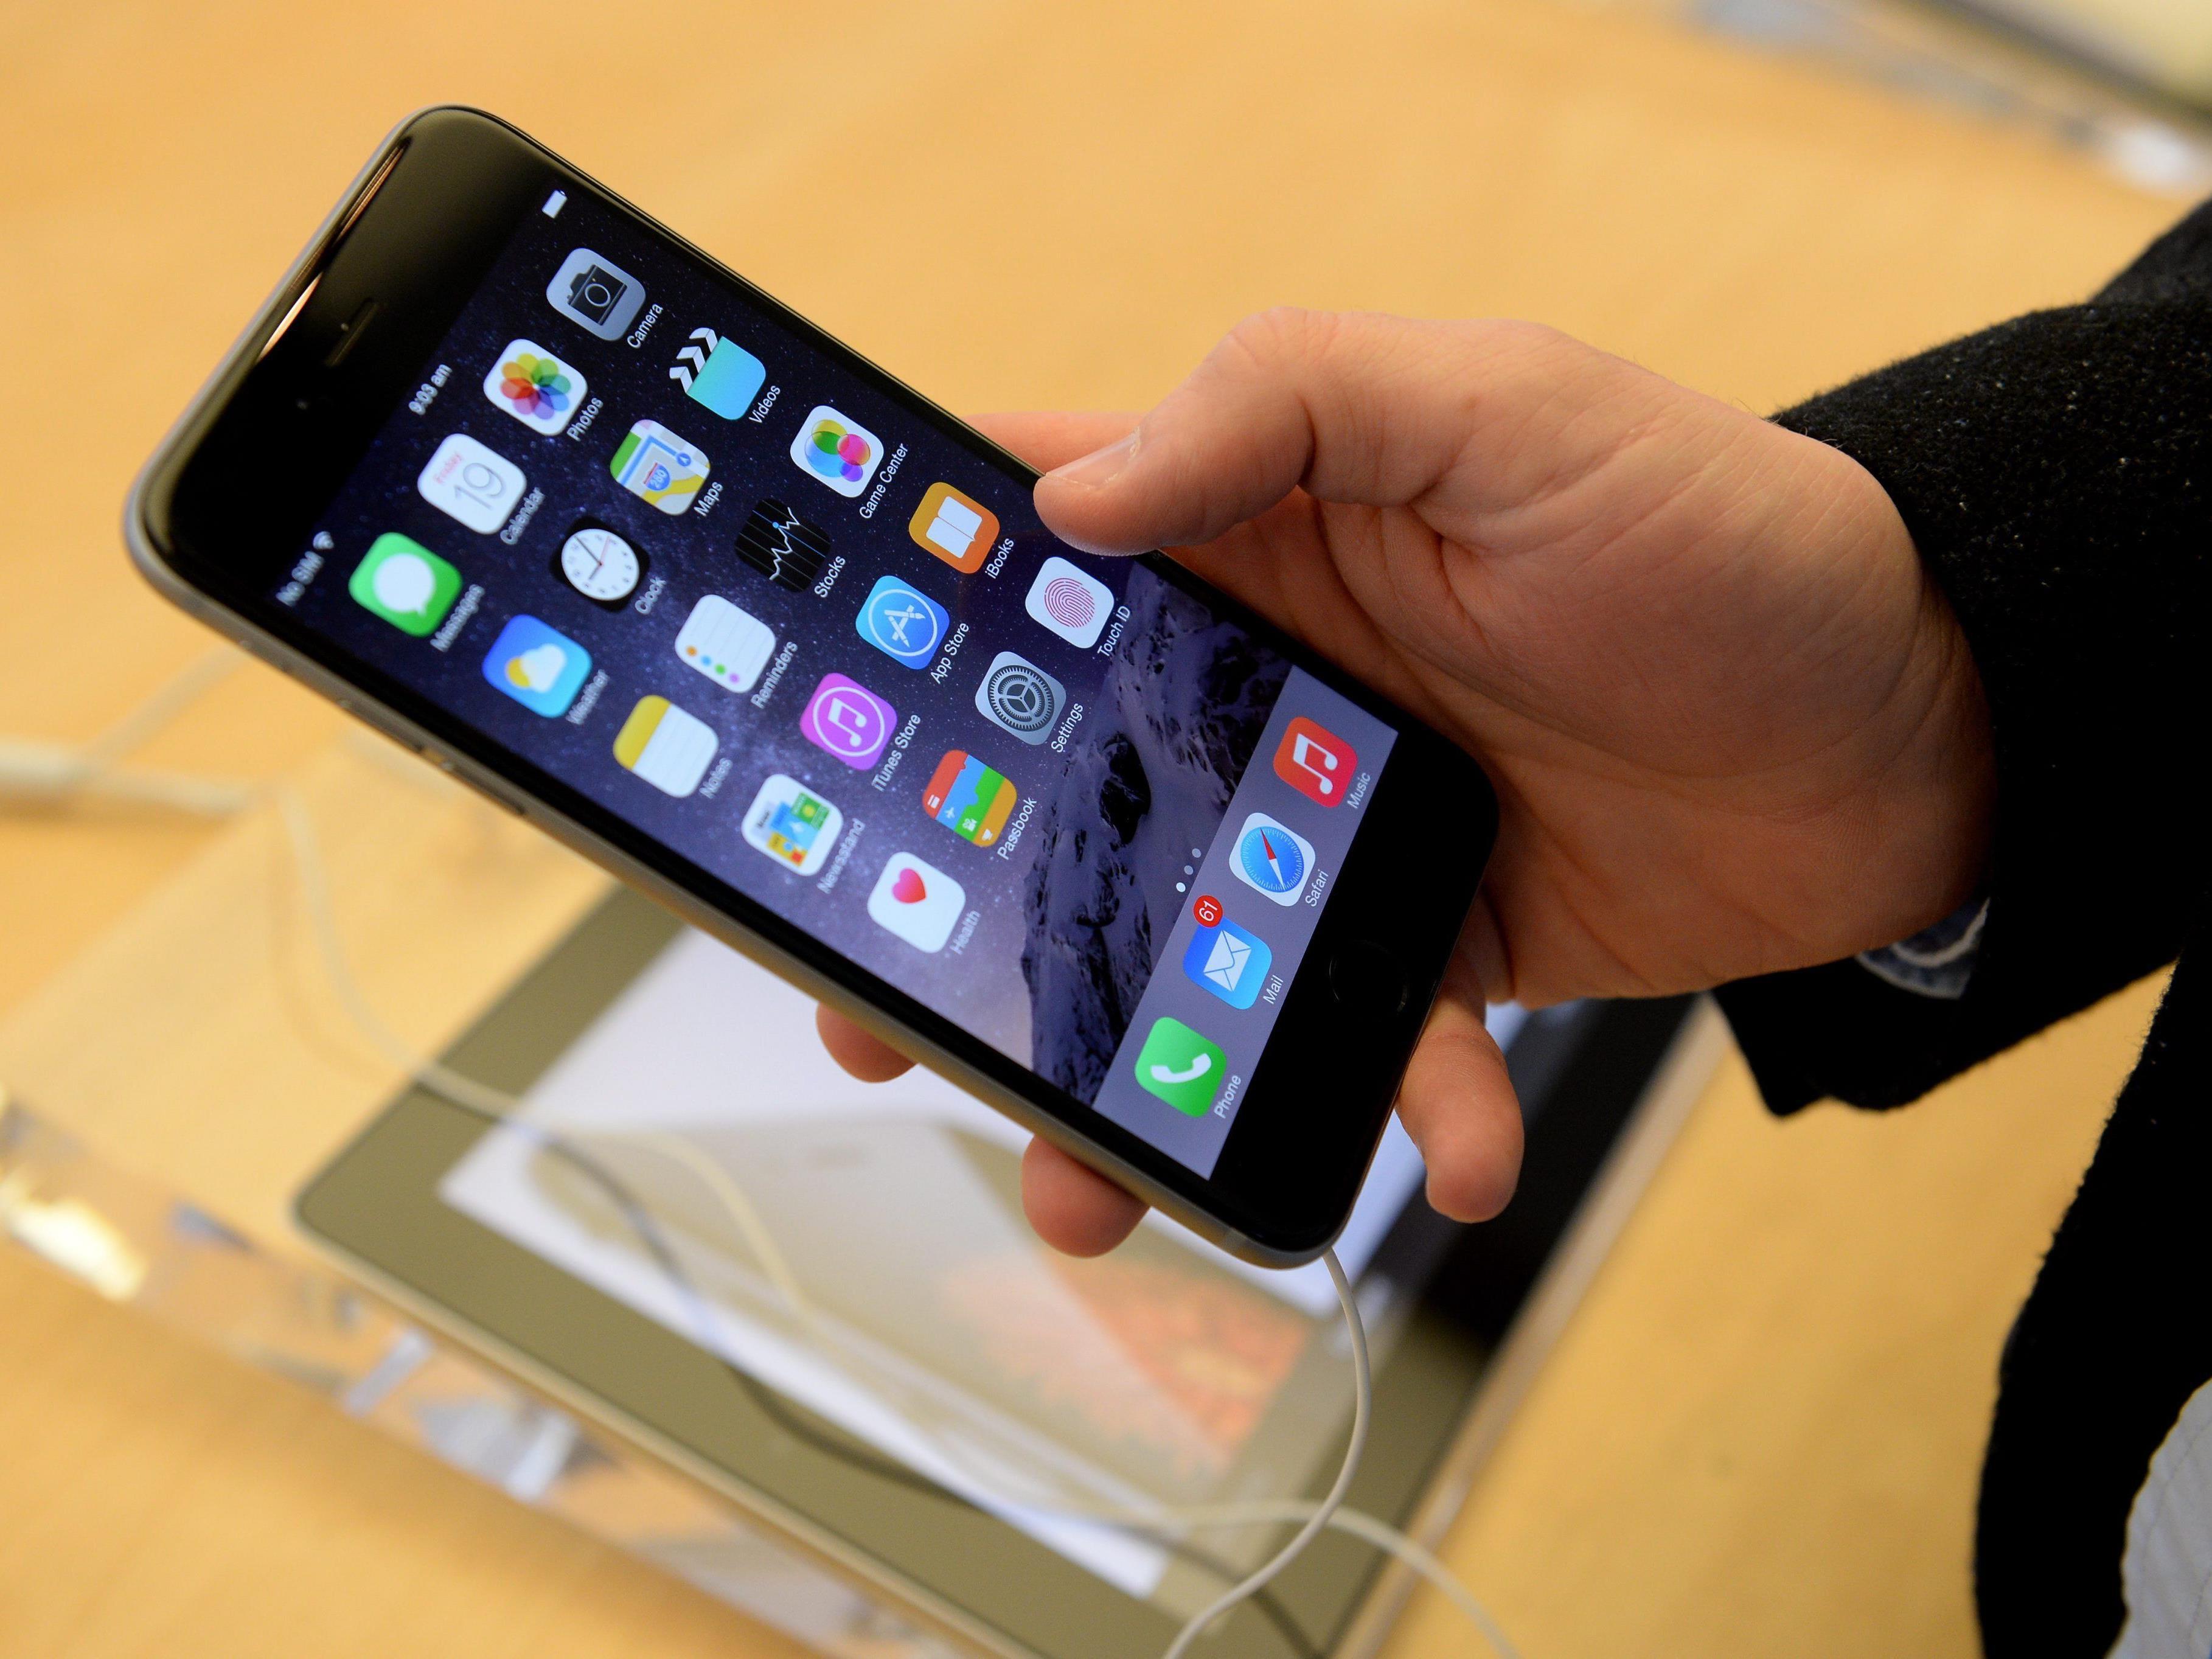 Mönch wegen iPhone in Schwierigkeiten